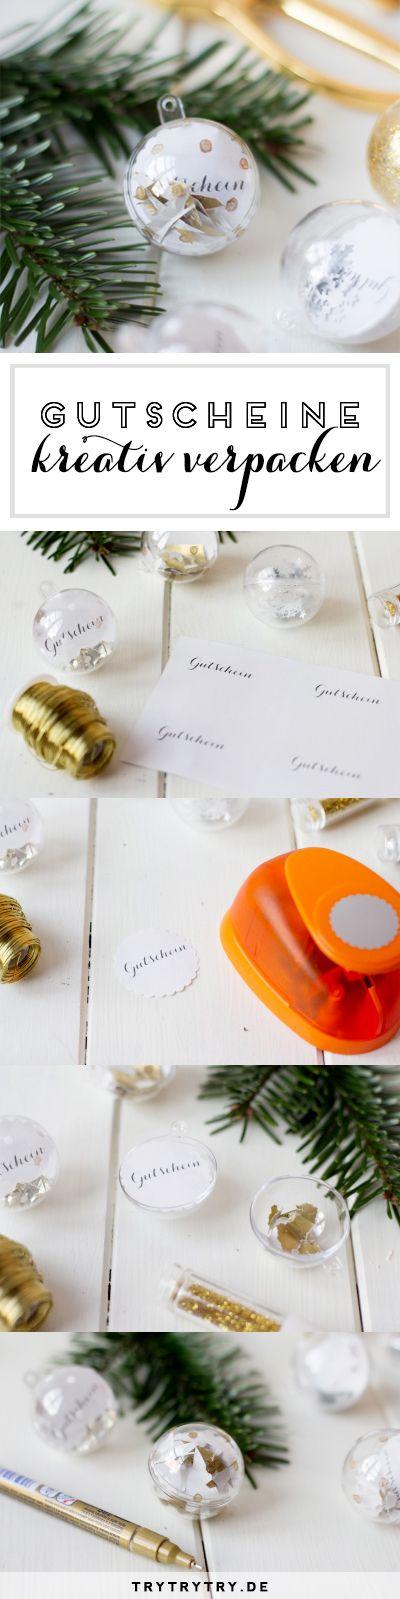 Last-Minute-Geschenk: Gutschein kreativ verpacken für Weihnachten